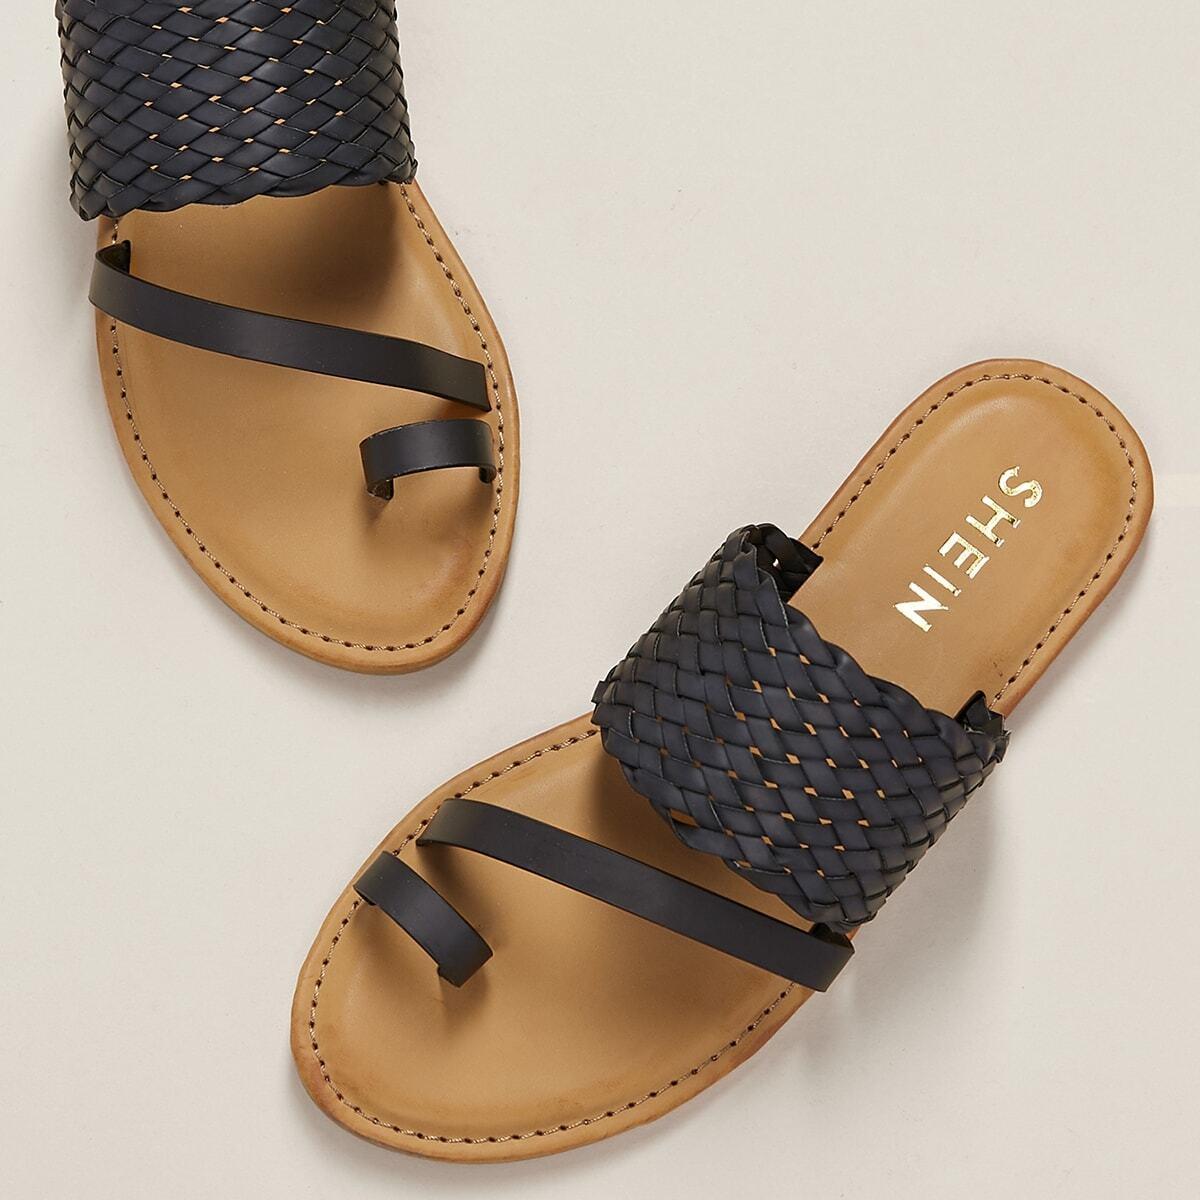 Плетеные сандалии на плоской подошве с кольцом на пальце ноги от SHEIN